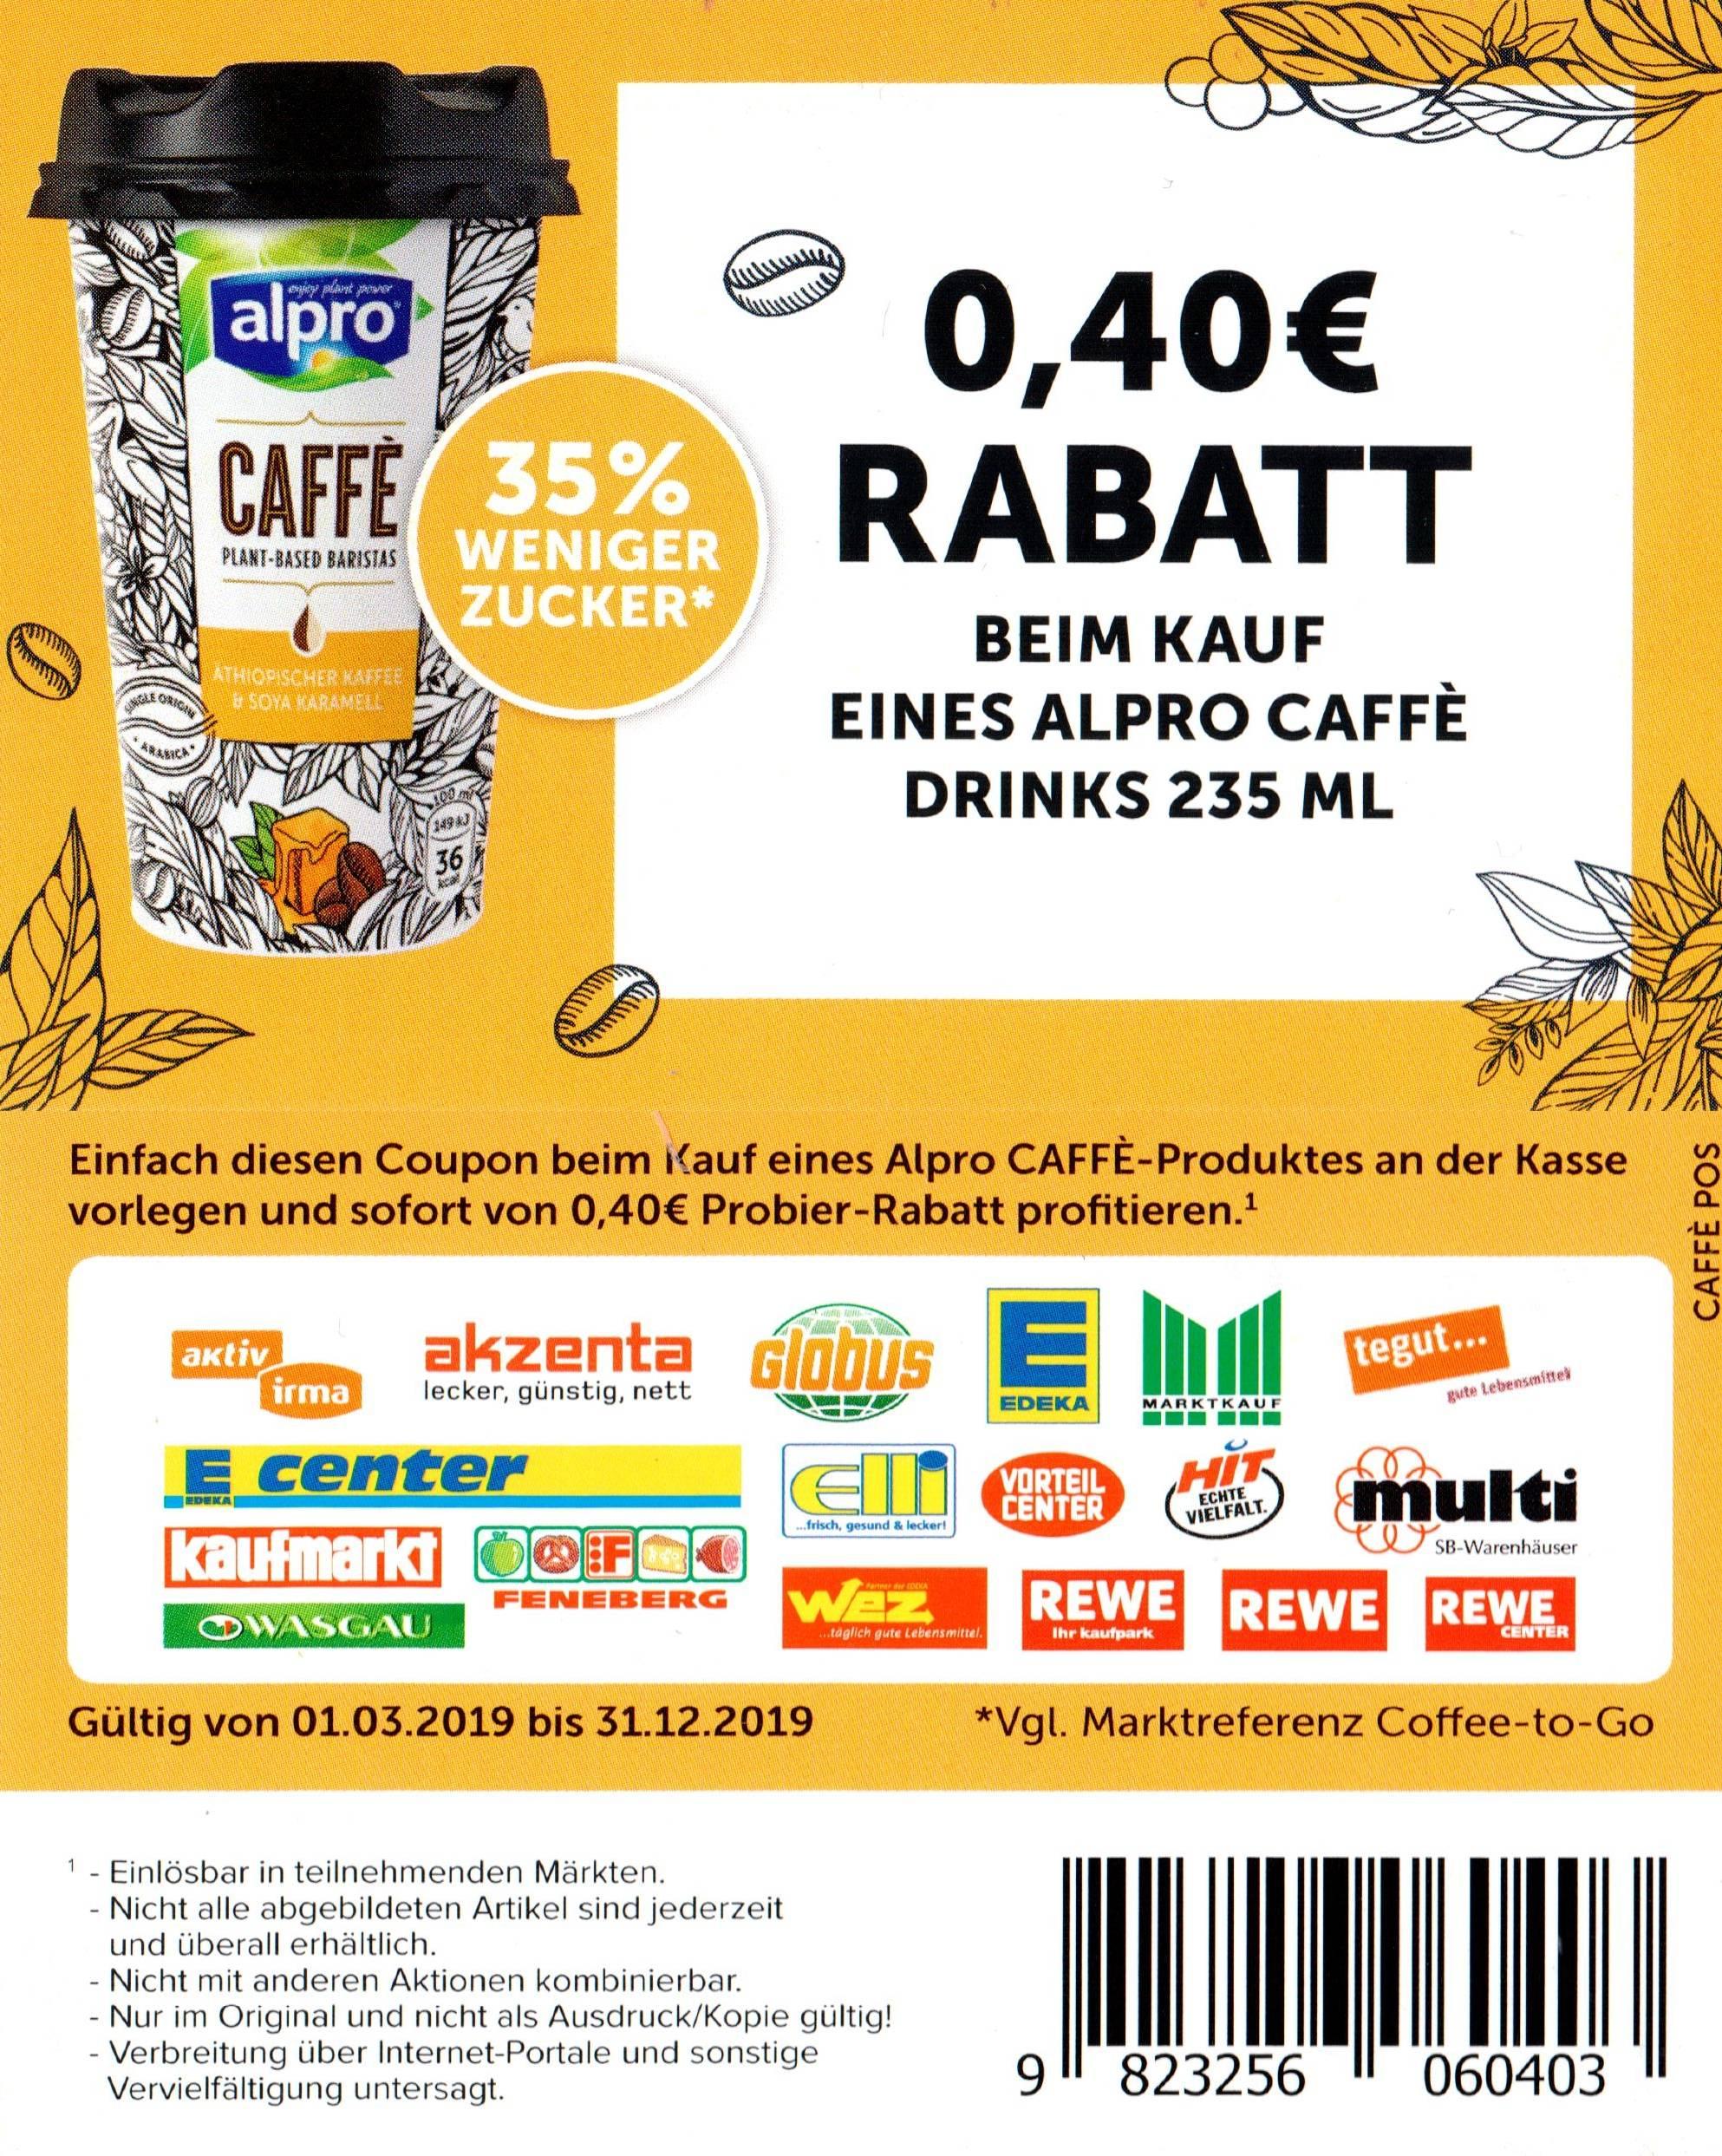 0,40€ Rabatt Coupon für den Kauf eines alpro Caffé Drinks 235ml bis zum 31.12.2019